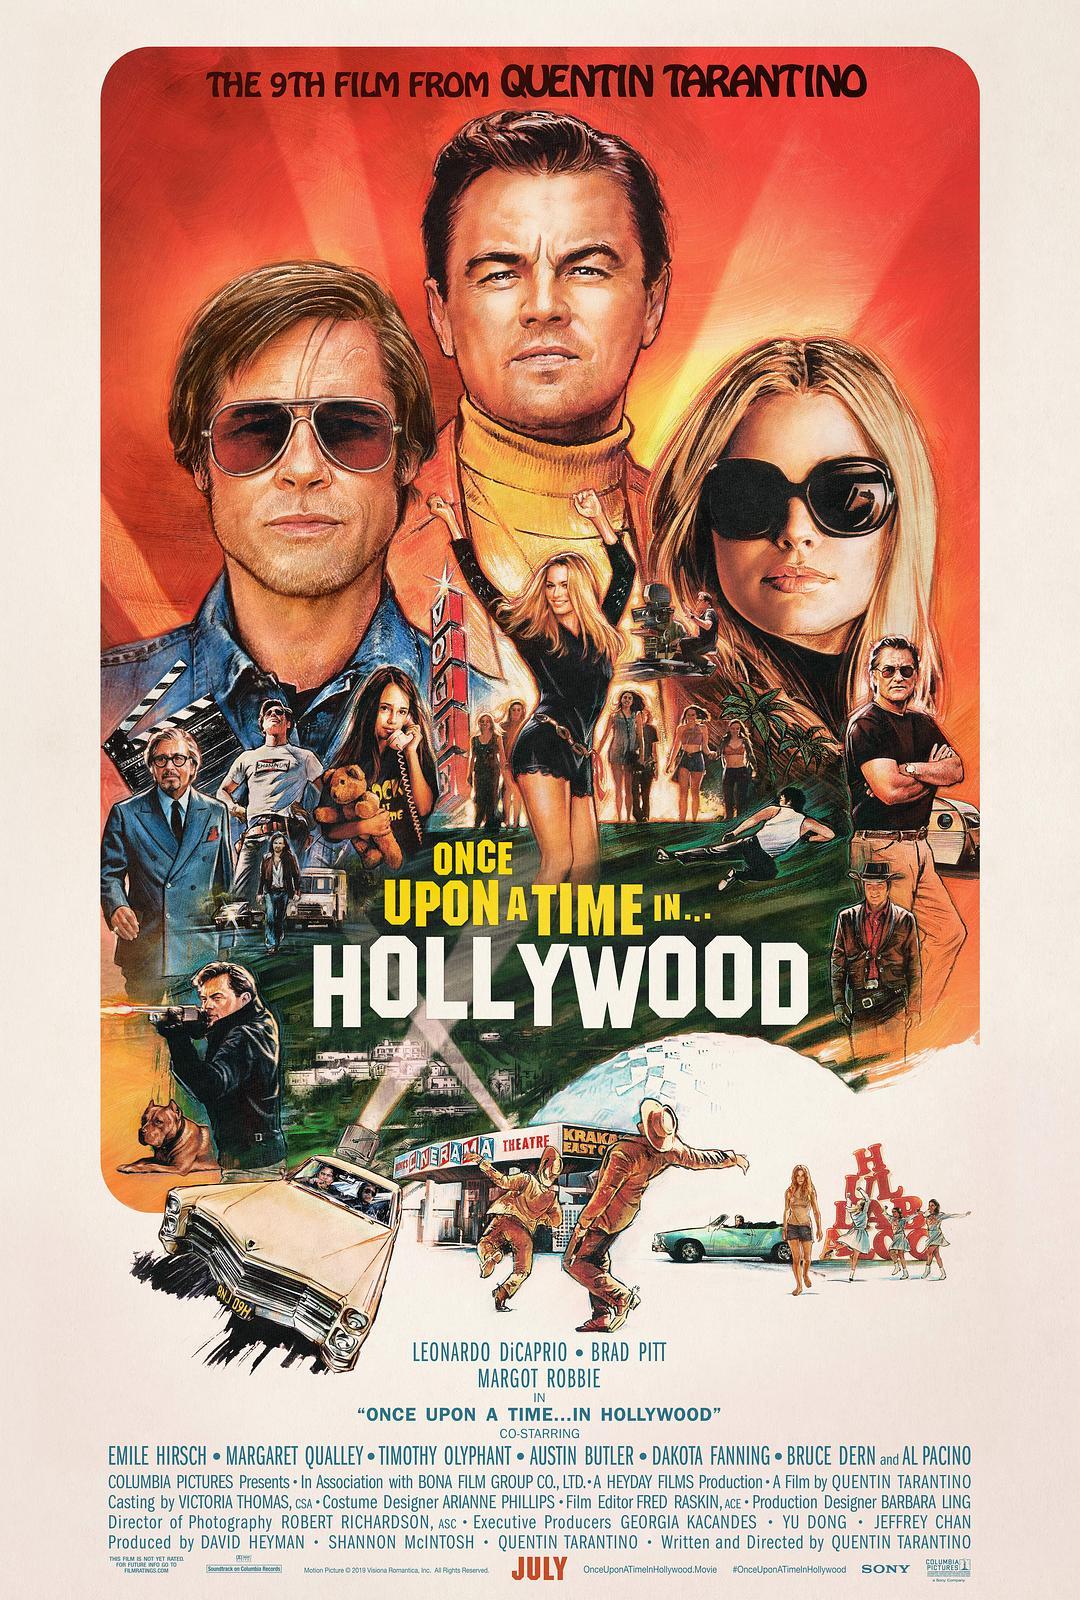 好莱坞往事电影